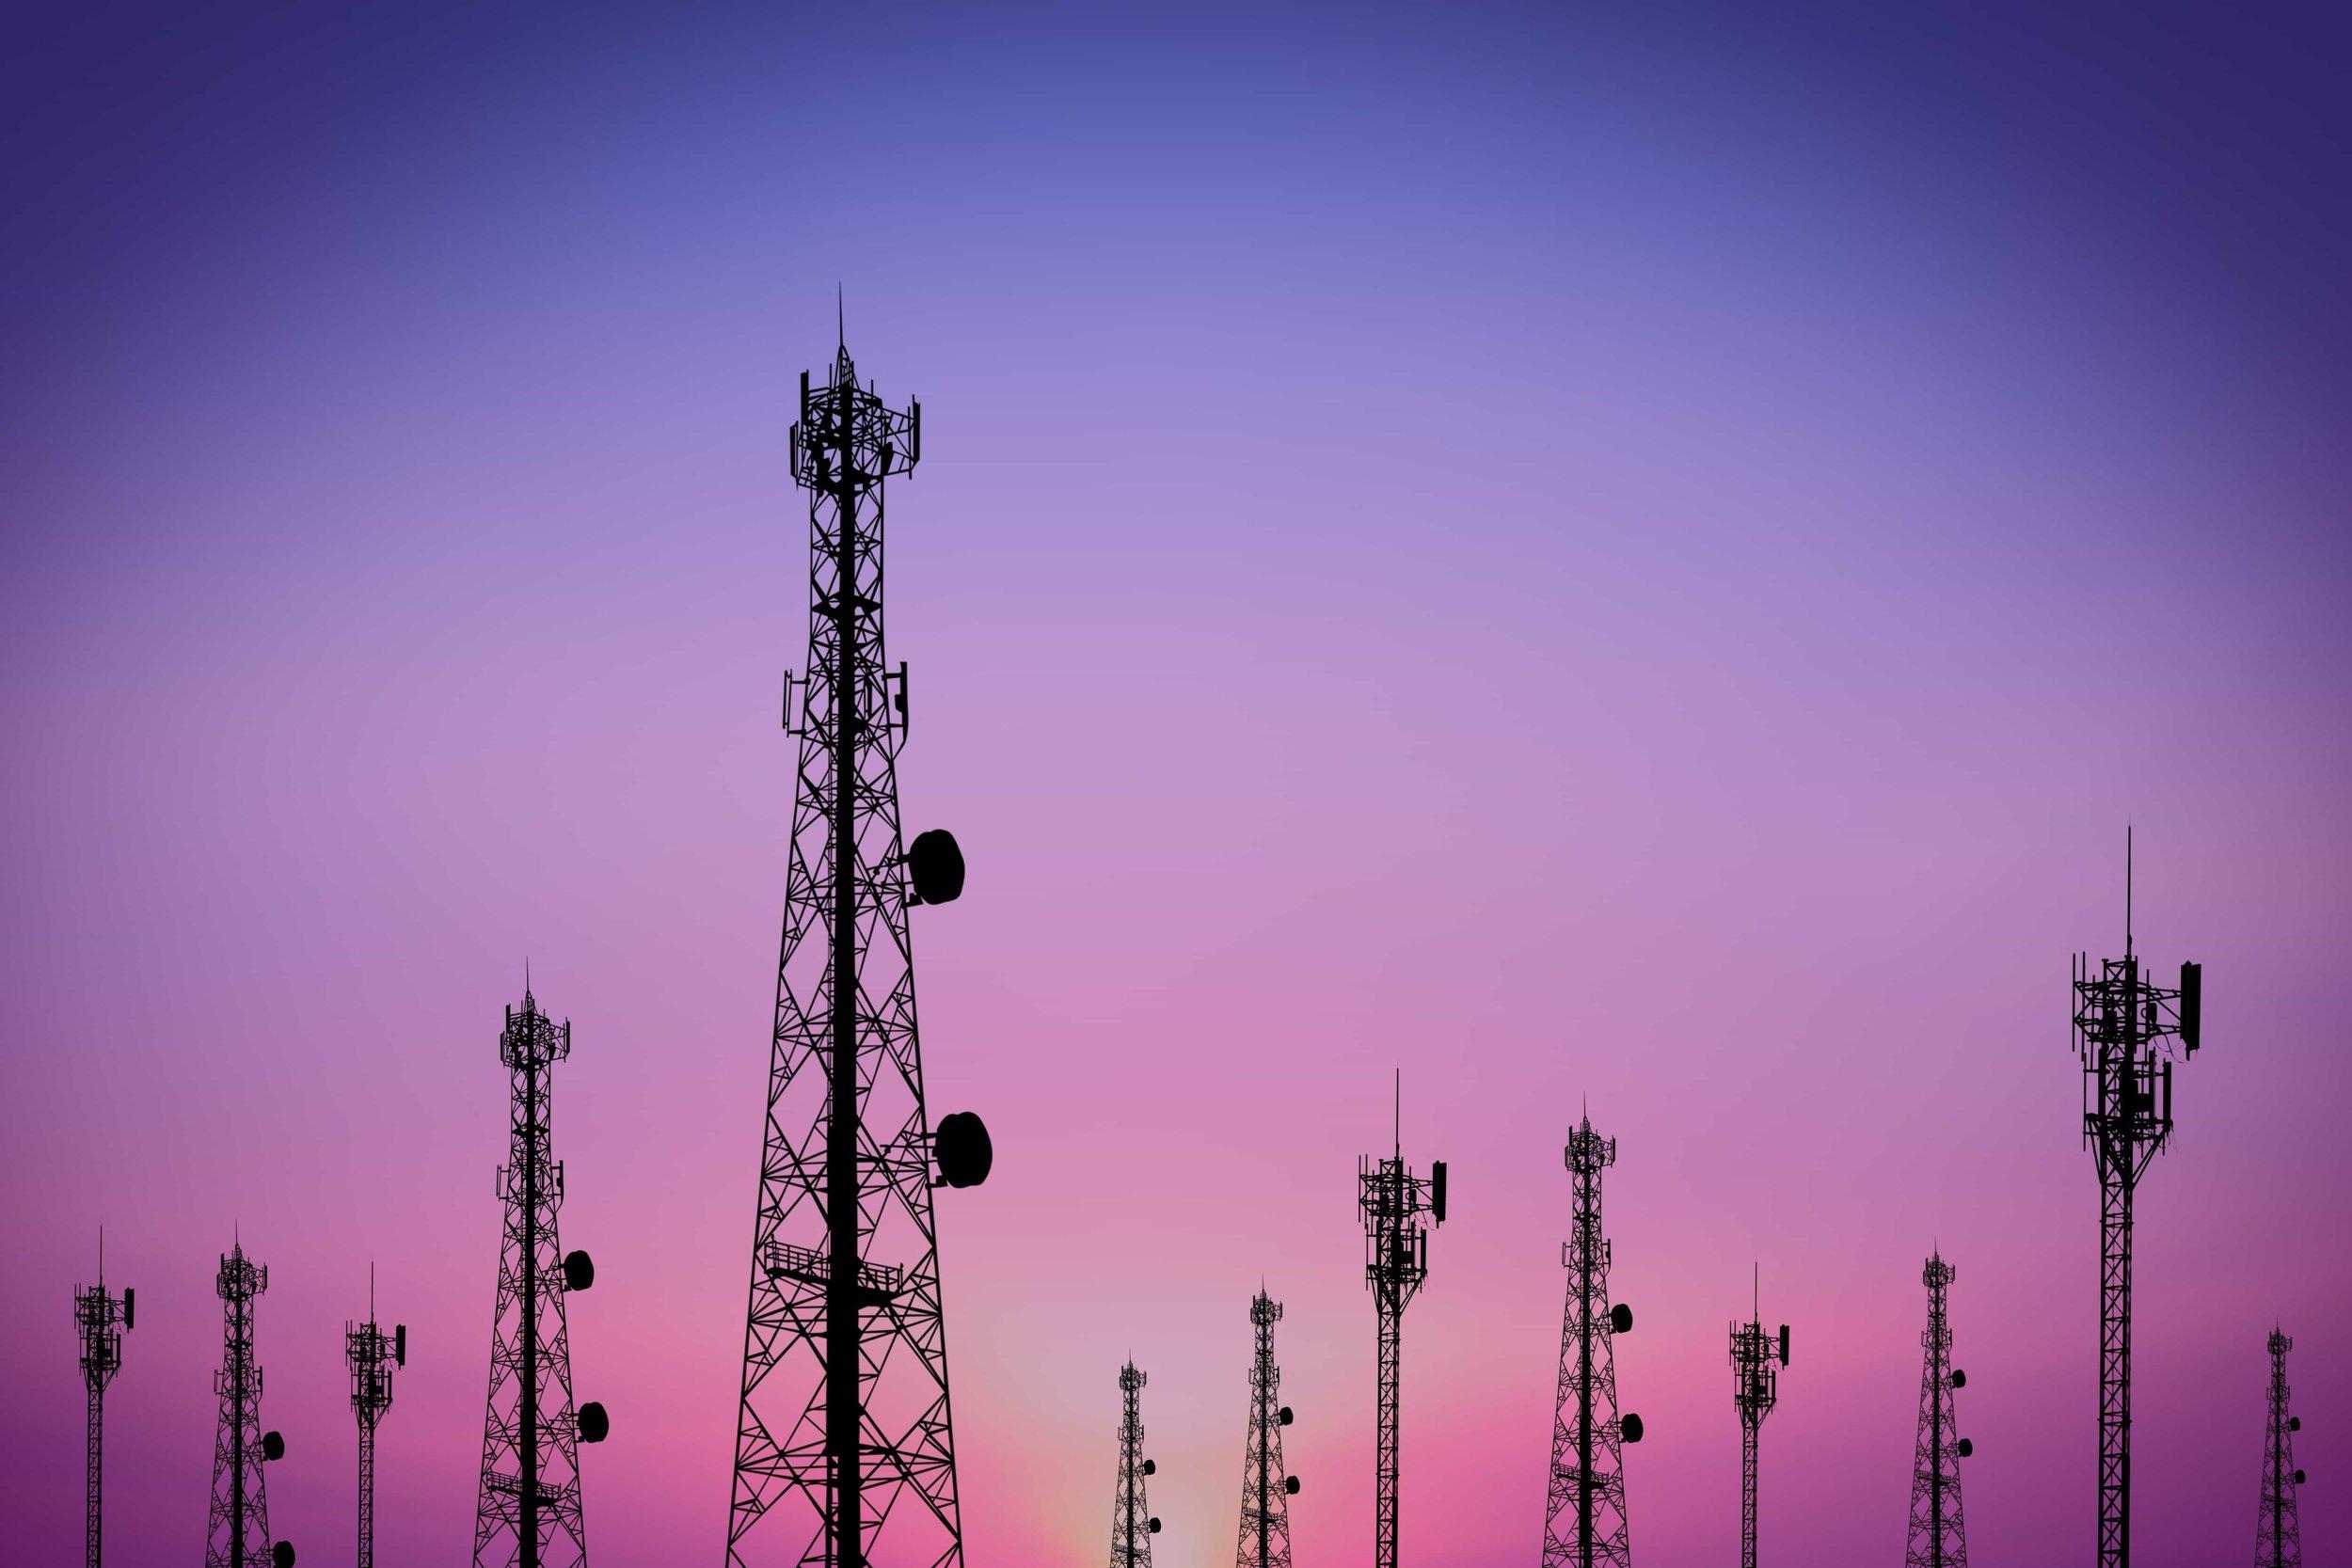 Radio towers-min-min.jpeg